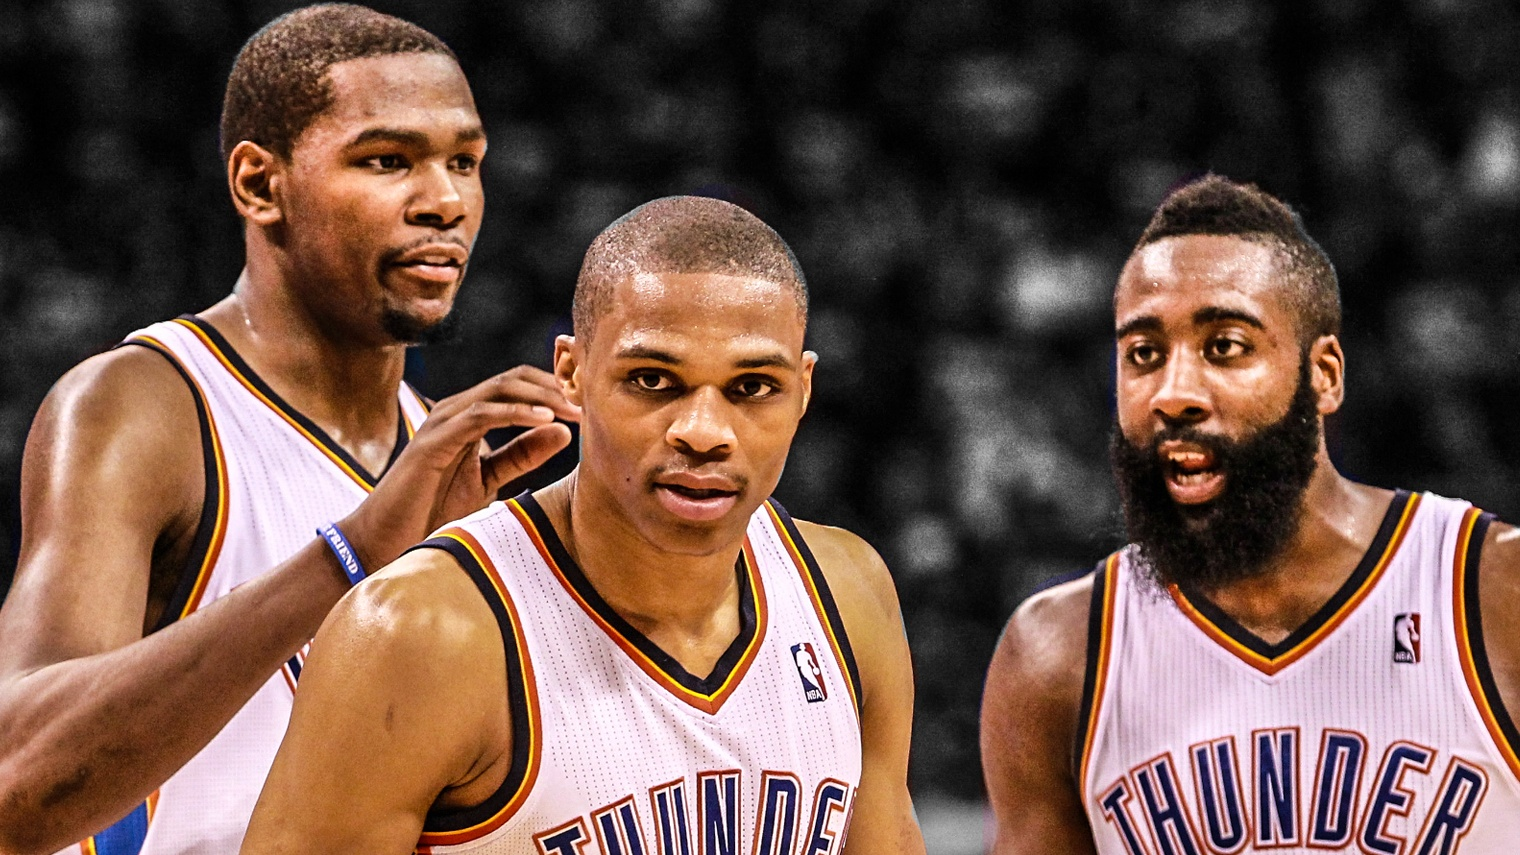 威少的迷失引發熱議,雷霆三少僅杜蘭特是真領袖?而詹姆斯的話一針見血!(影)-黑特籃球-NBA新聞影音圖片分享社區